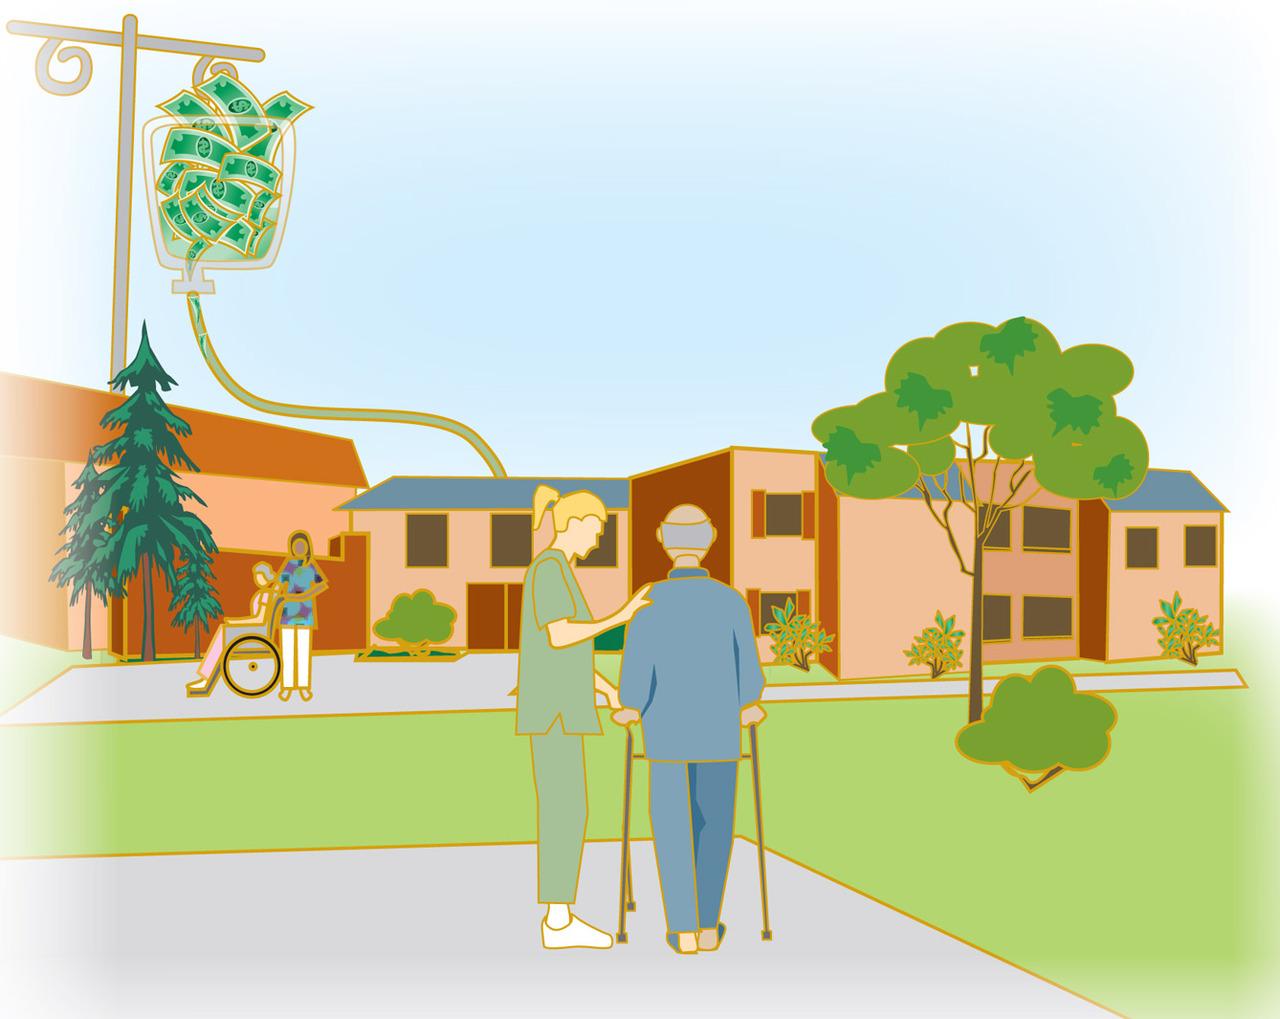 Nursing home building clipart.